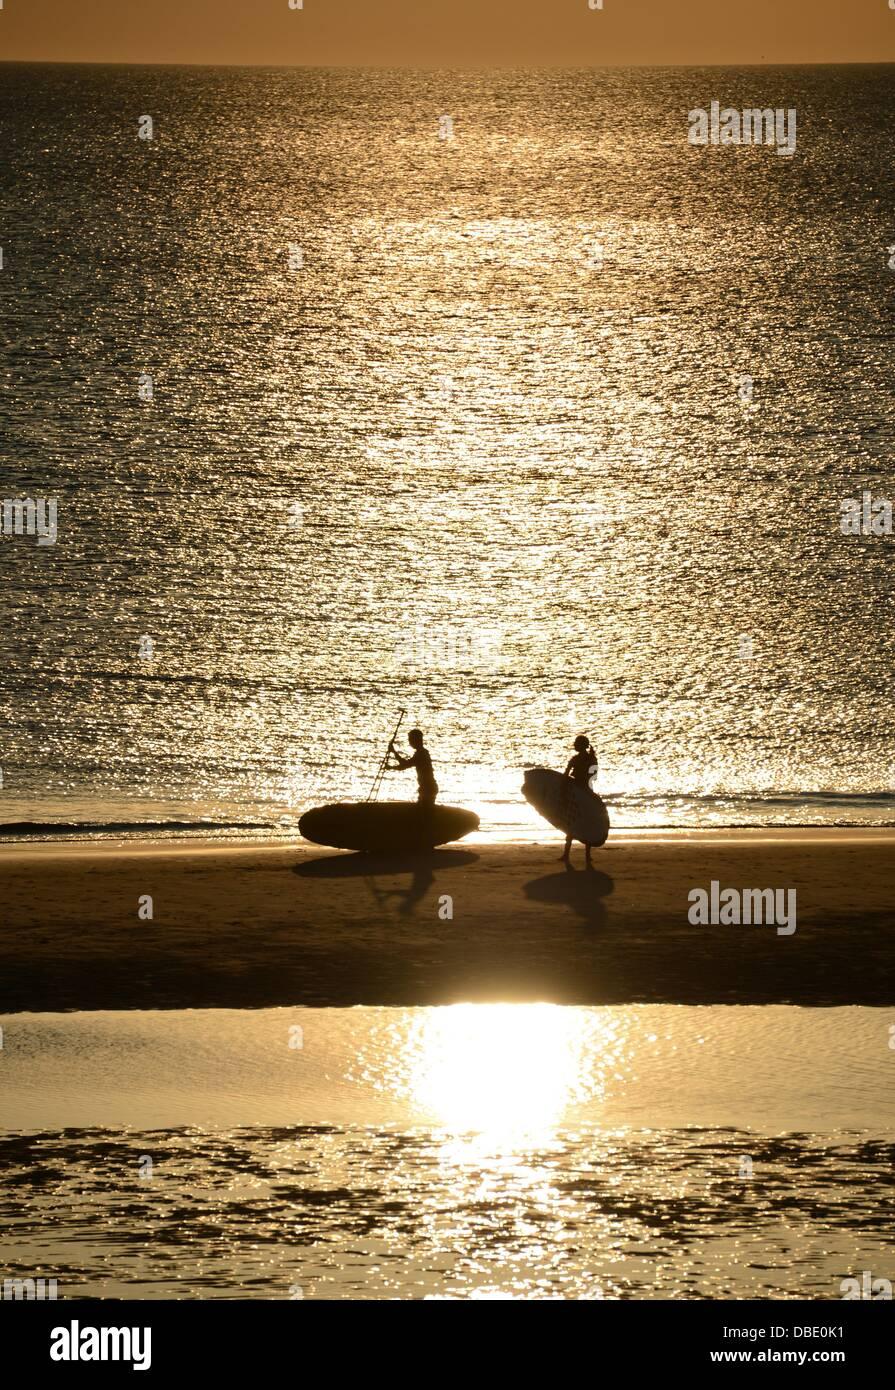 Surfers uscire dall'acqua e proseguire a piedi lungo la spiaggia nella luce del sole al tramonto sulla spiaggia Immagini Stock